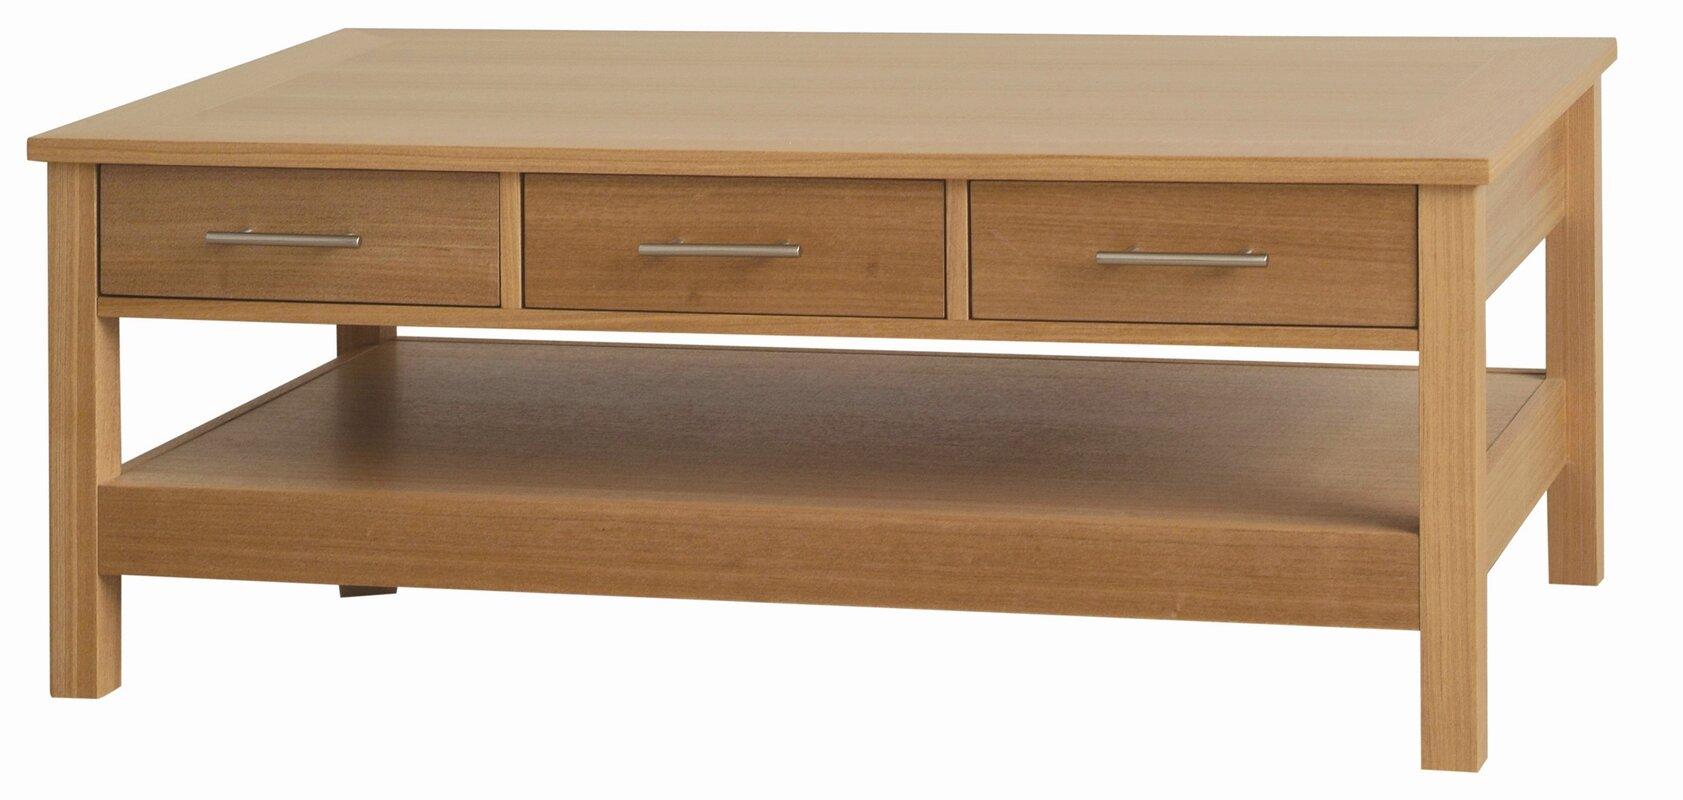 all home couchtisch willowdale mit stauraum bewertungen. Black Bedroom Furniture Sets. Home Design Ideas